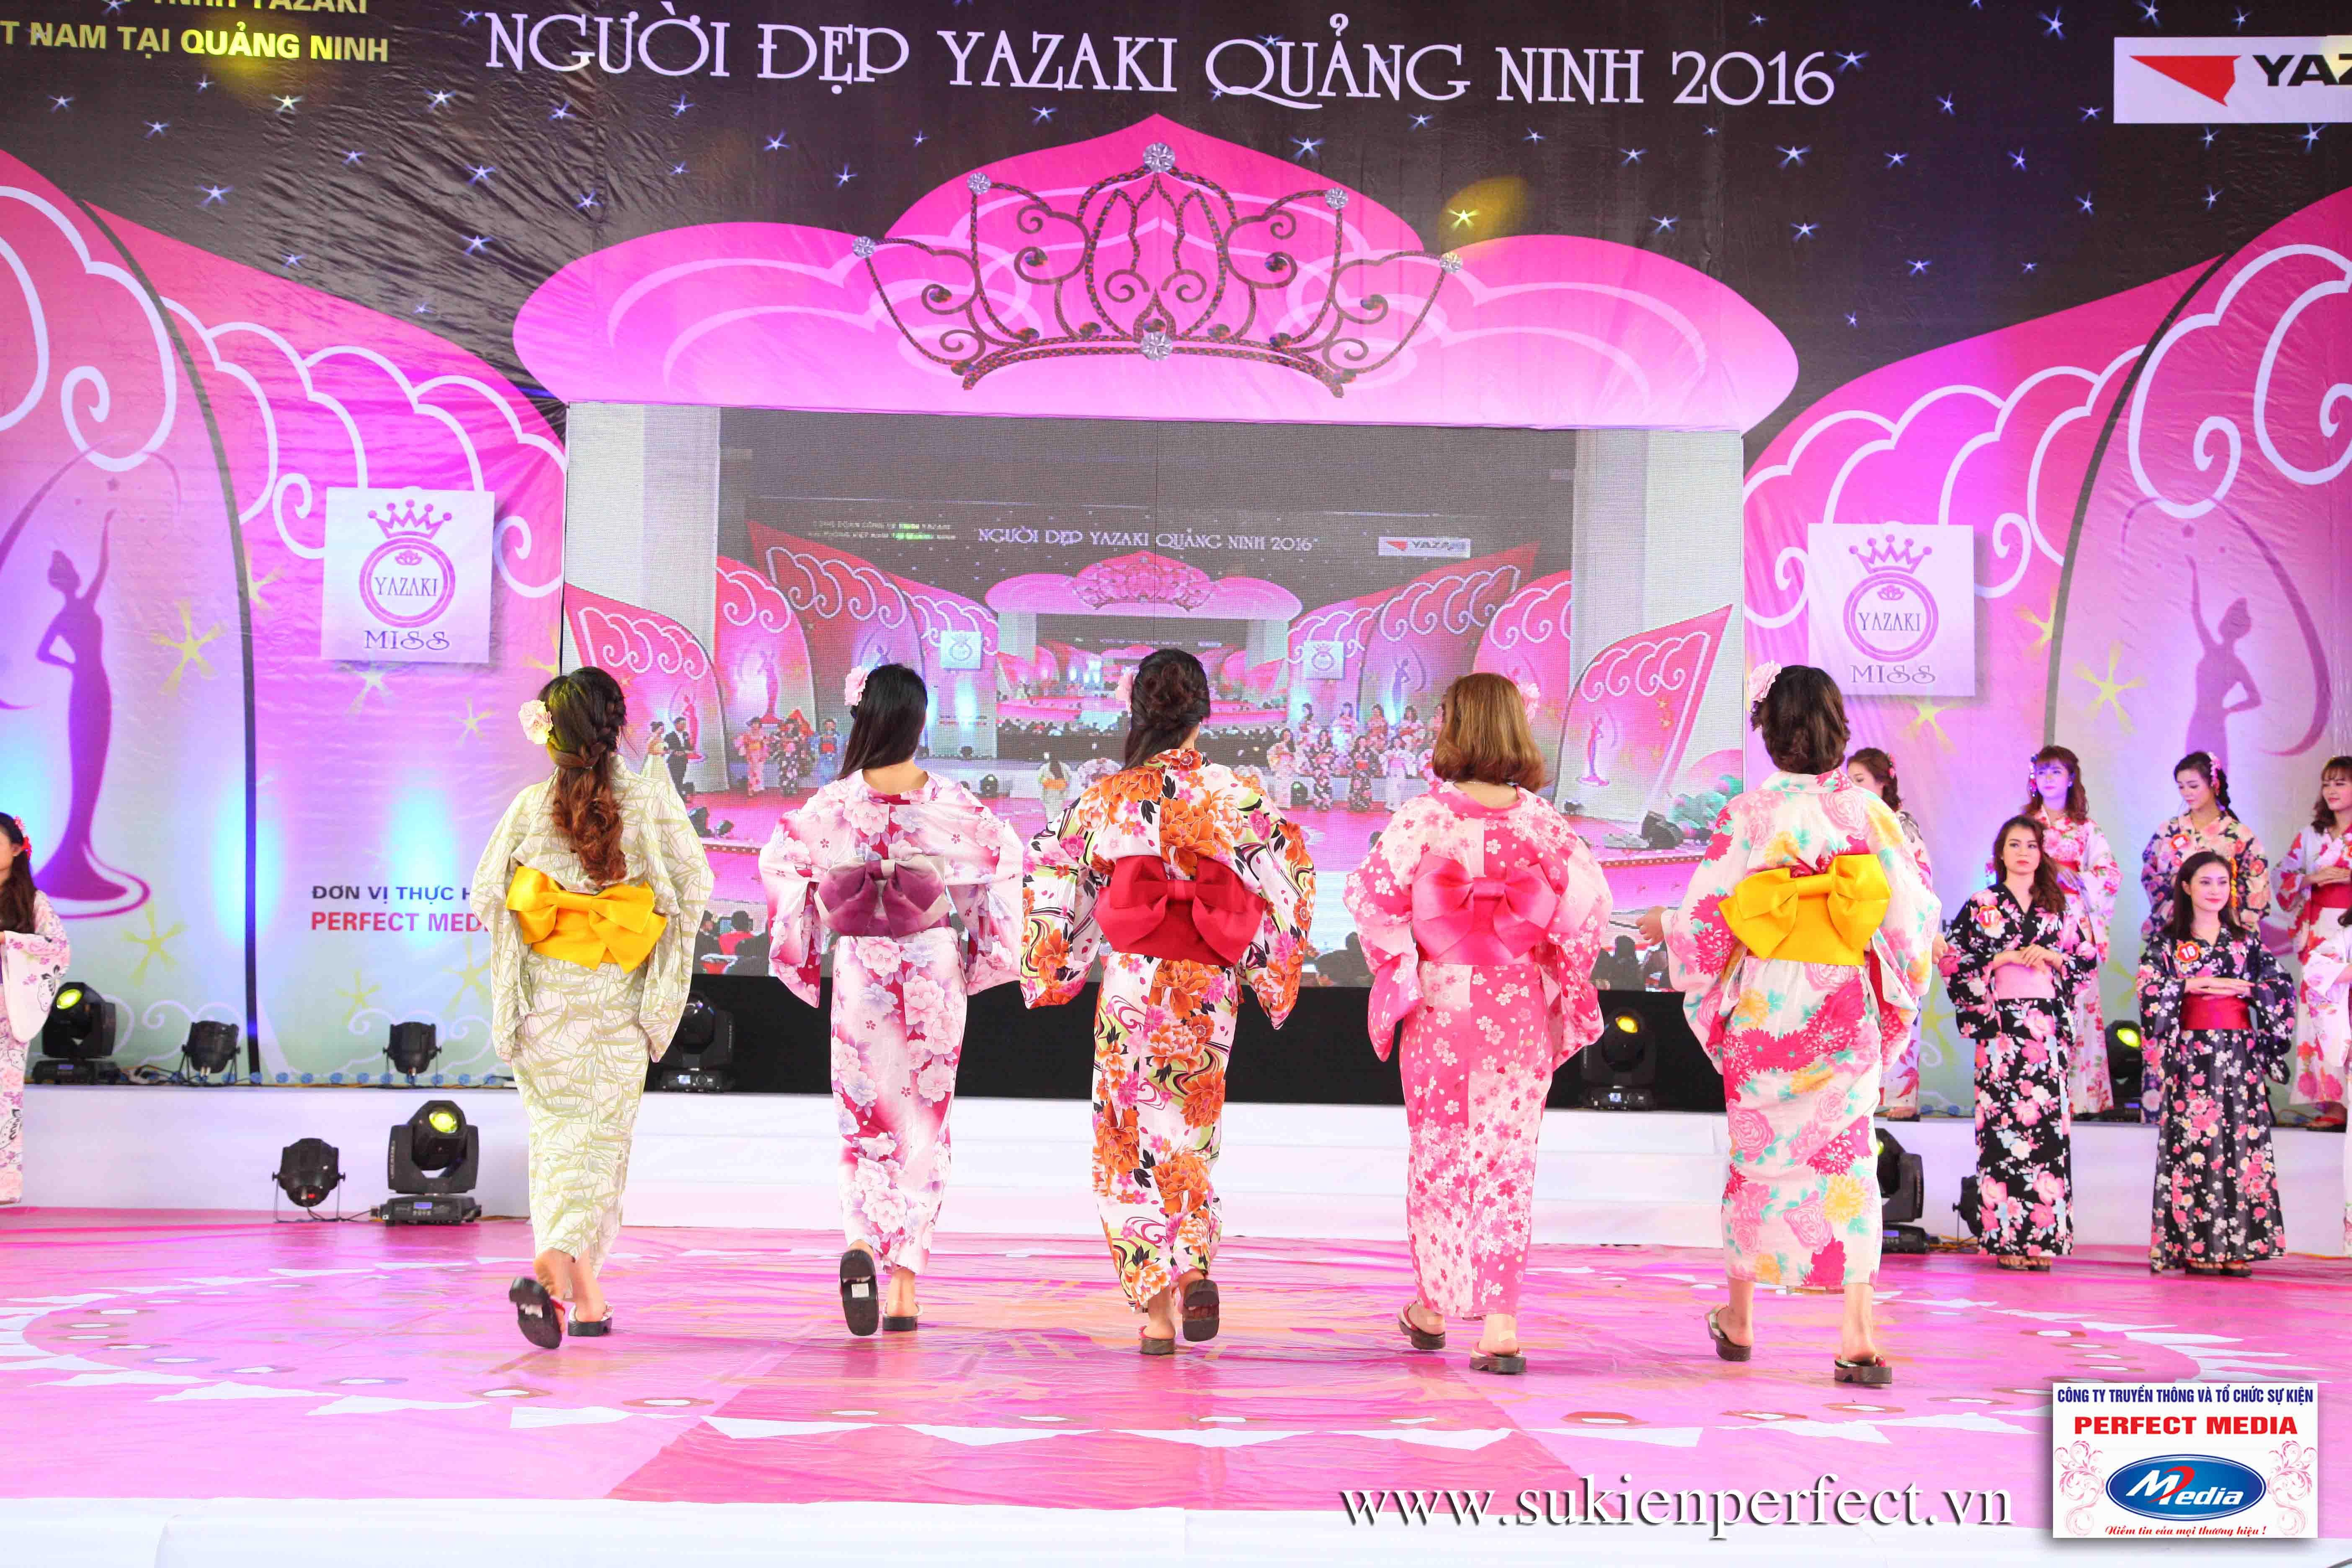 Hình ảnh các thí sinh trong trang phục Kimono - Người đẹp Yazaki Quảng Ninh 2016 - 28